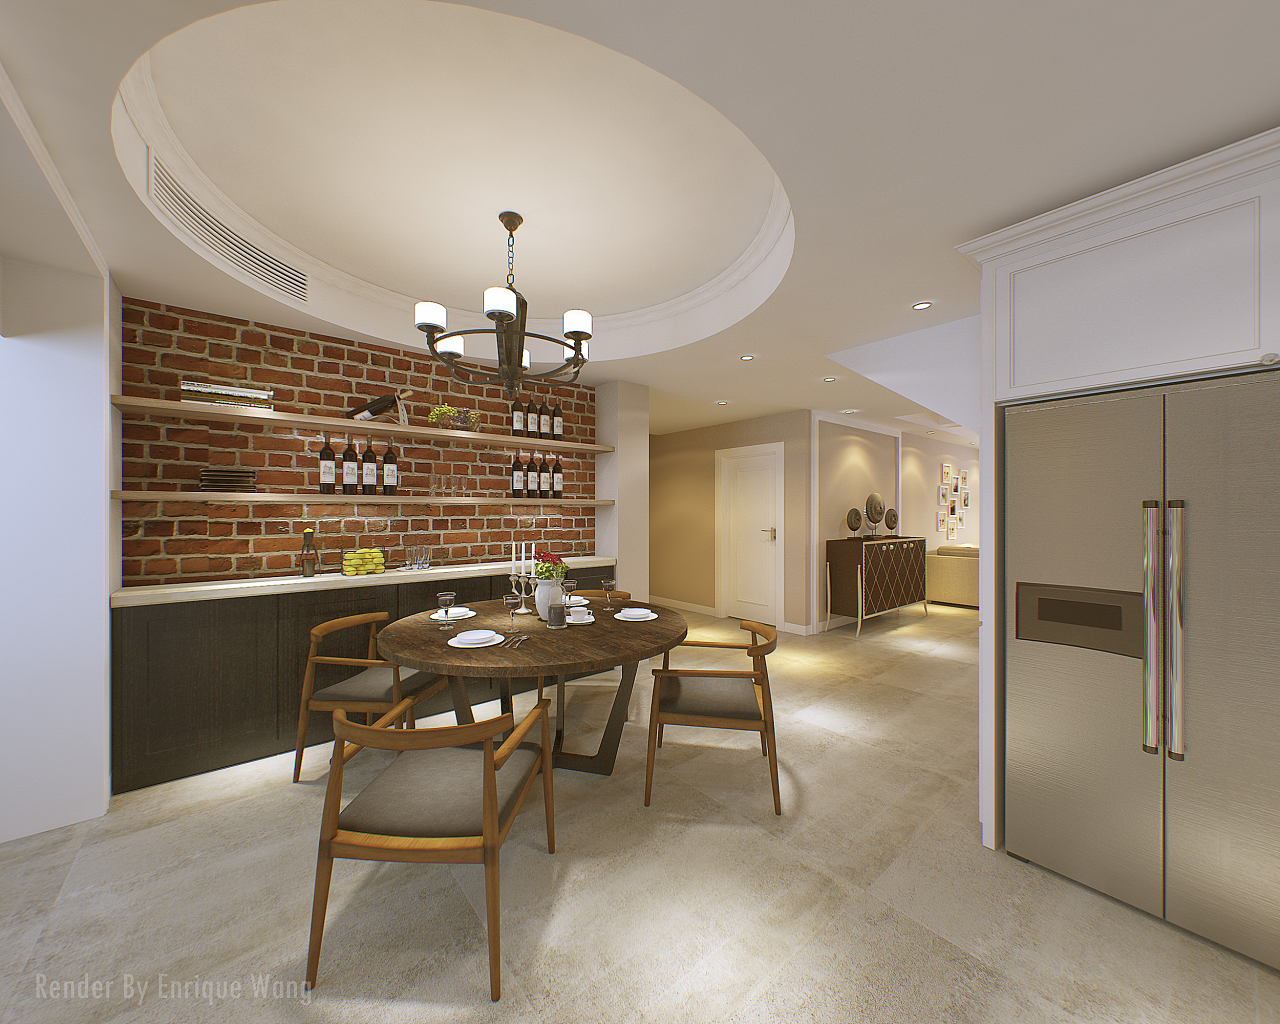 美式家装效果图一套|三维|建筑/空间|mrmoon2010